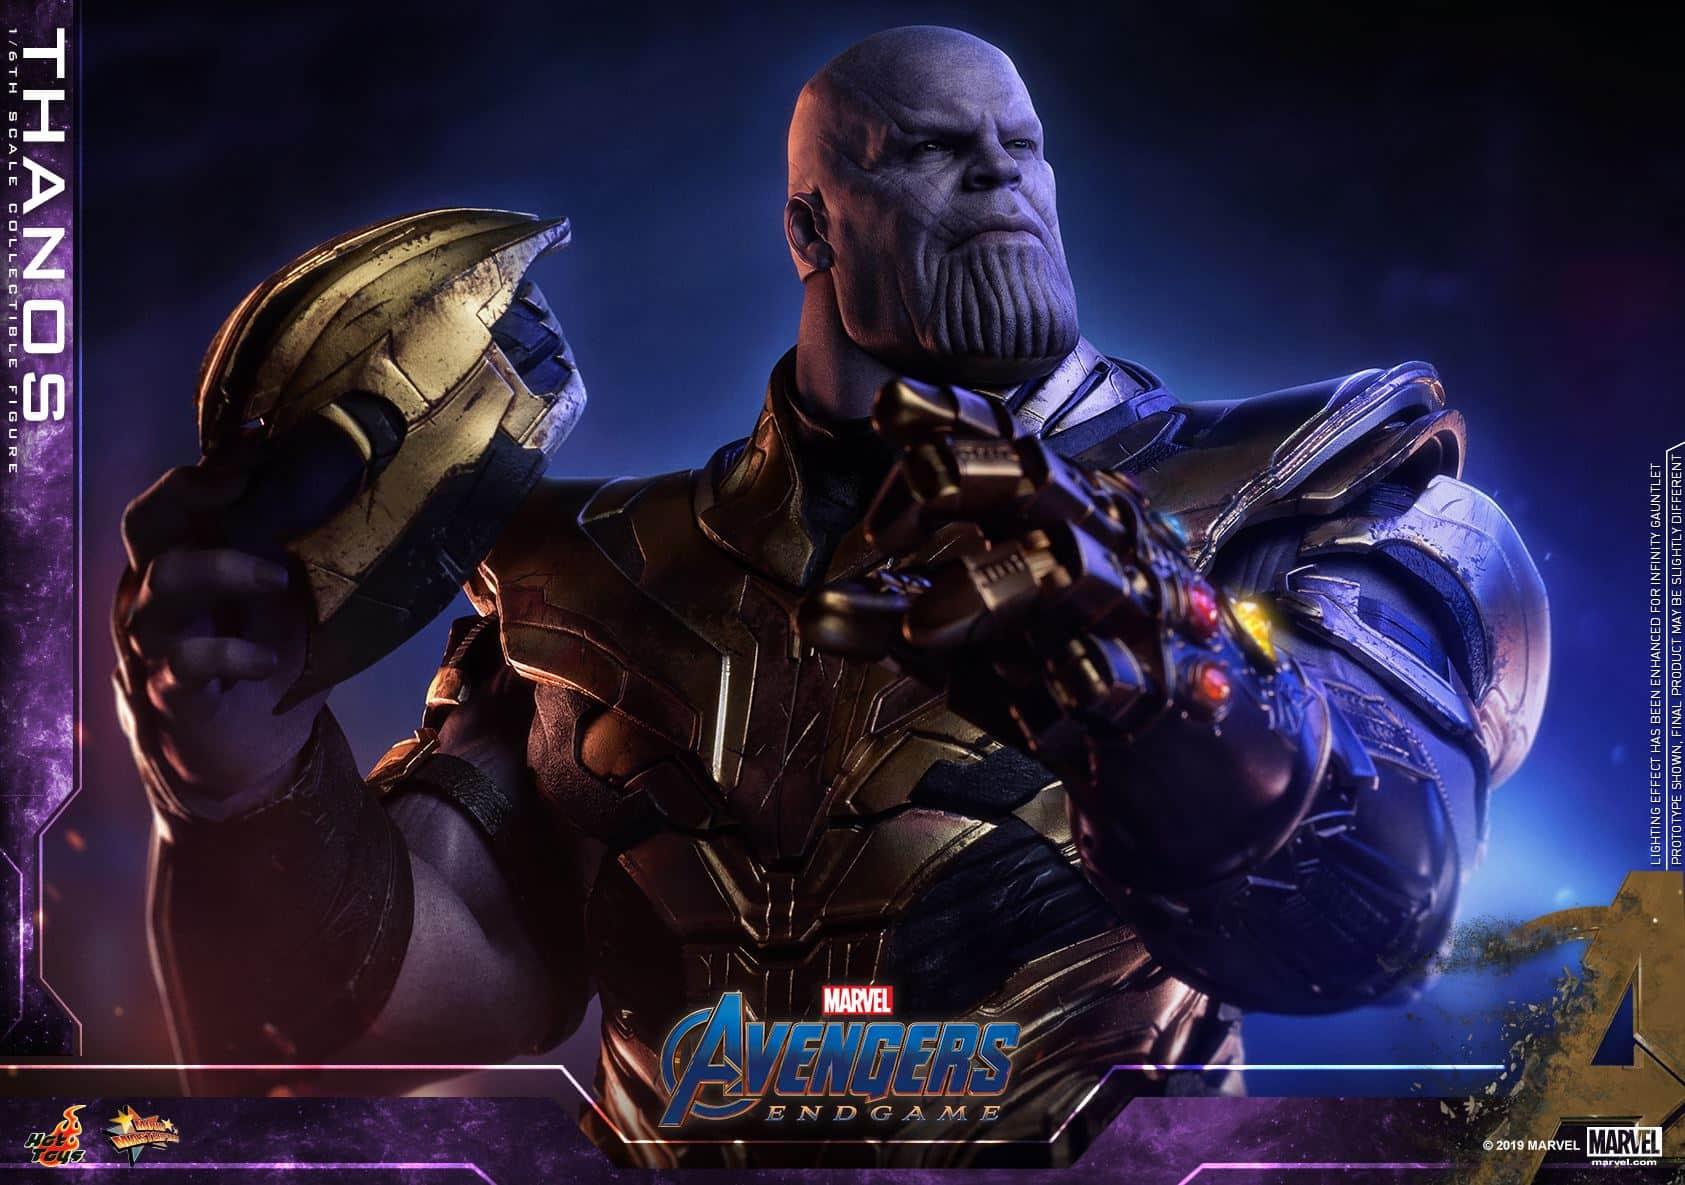 Thanos vengadores: endgame